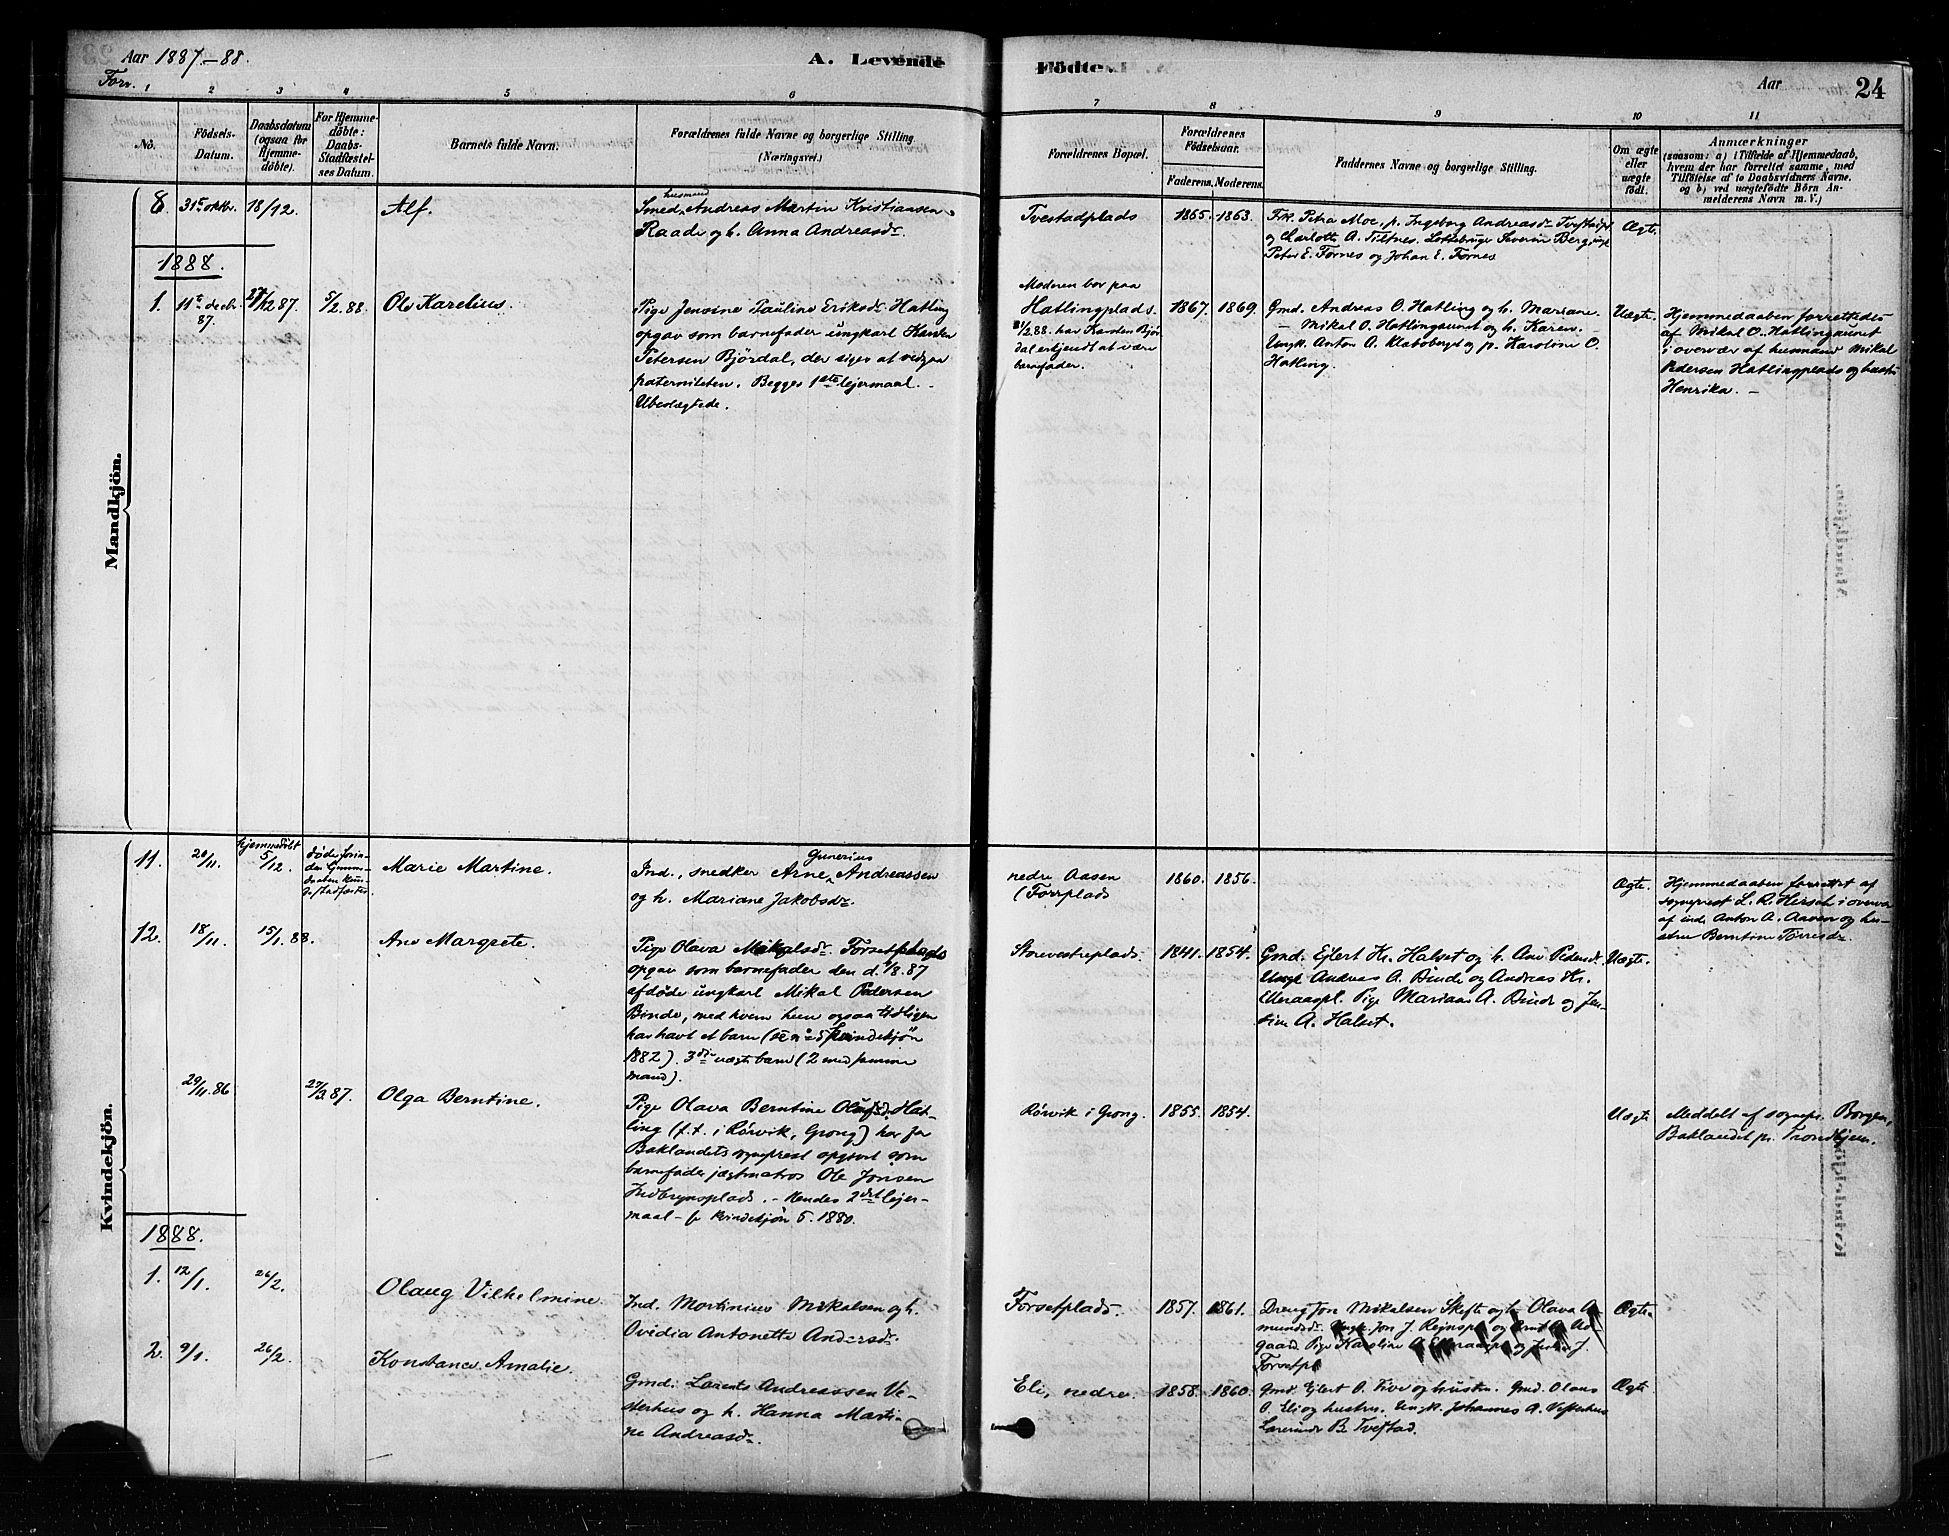 SAT, Ministerialprotokoller, klokkerbøker og fødselsregistre - Nord-Trøndelag, 746/L0448: Ministerialbok nr. 746A07 /1, 1878-1900, s. 24